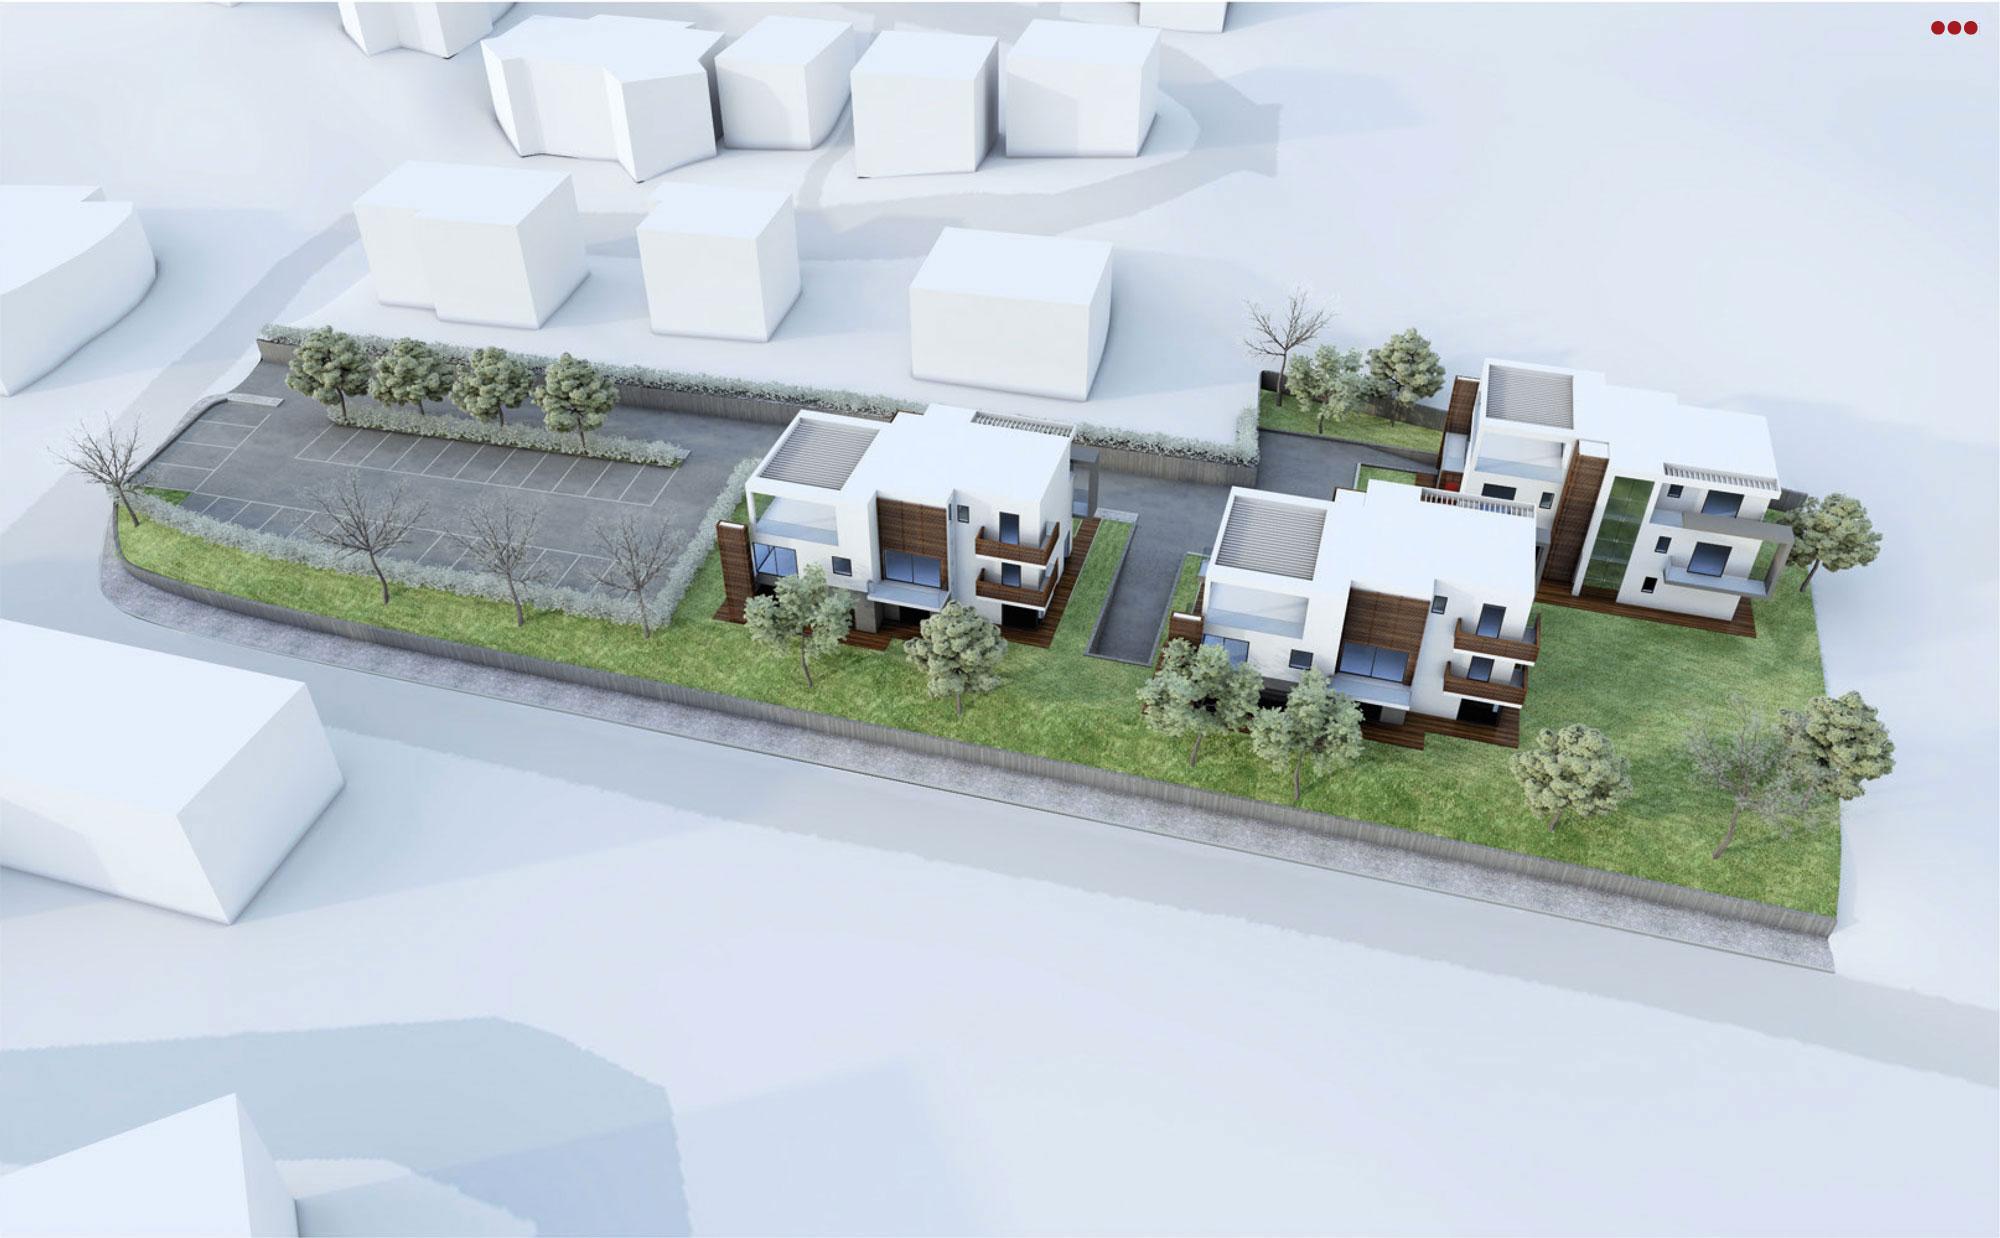 rendering 3d modeling architettura costruzioni studio bartolini gabicce rimini 9